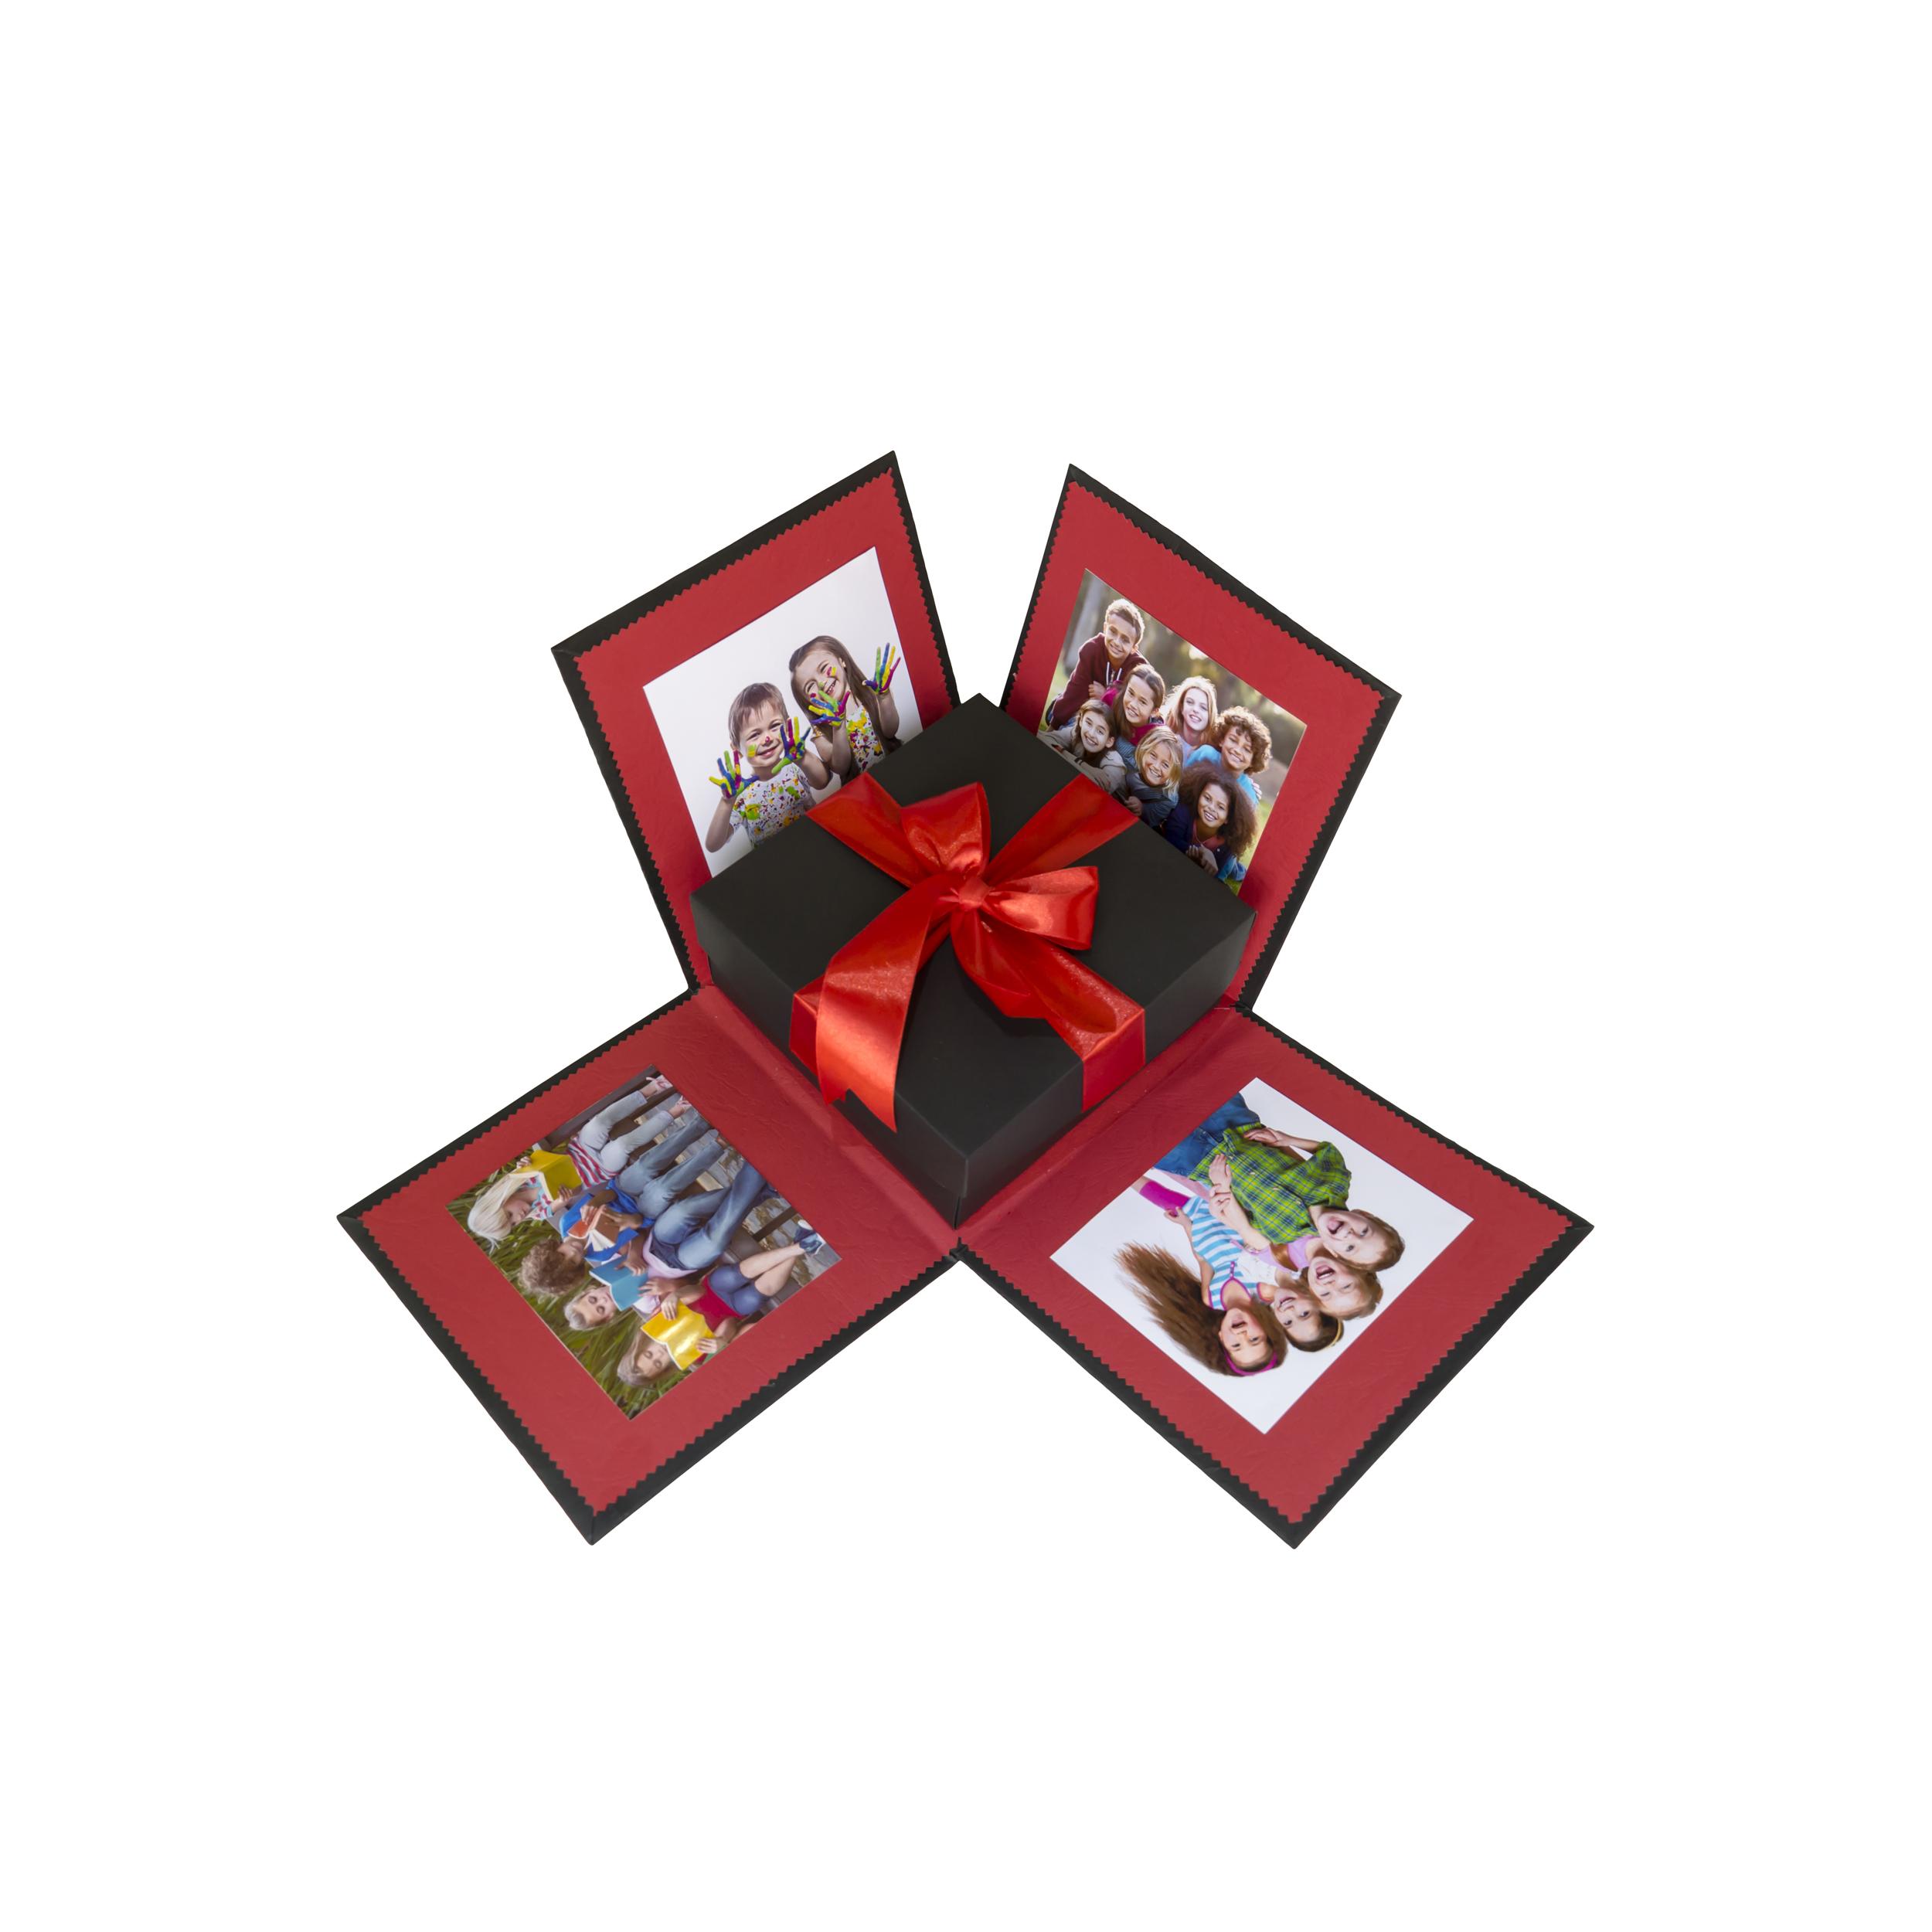 عکس جعبه کادو طرح آلبوم عکس کد 111010010 سایز کوچک